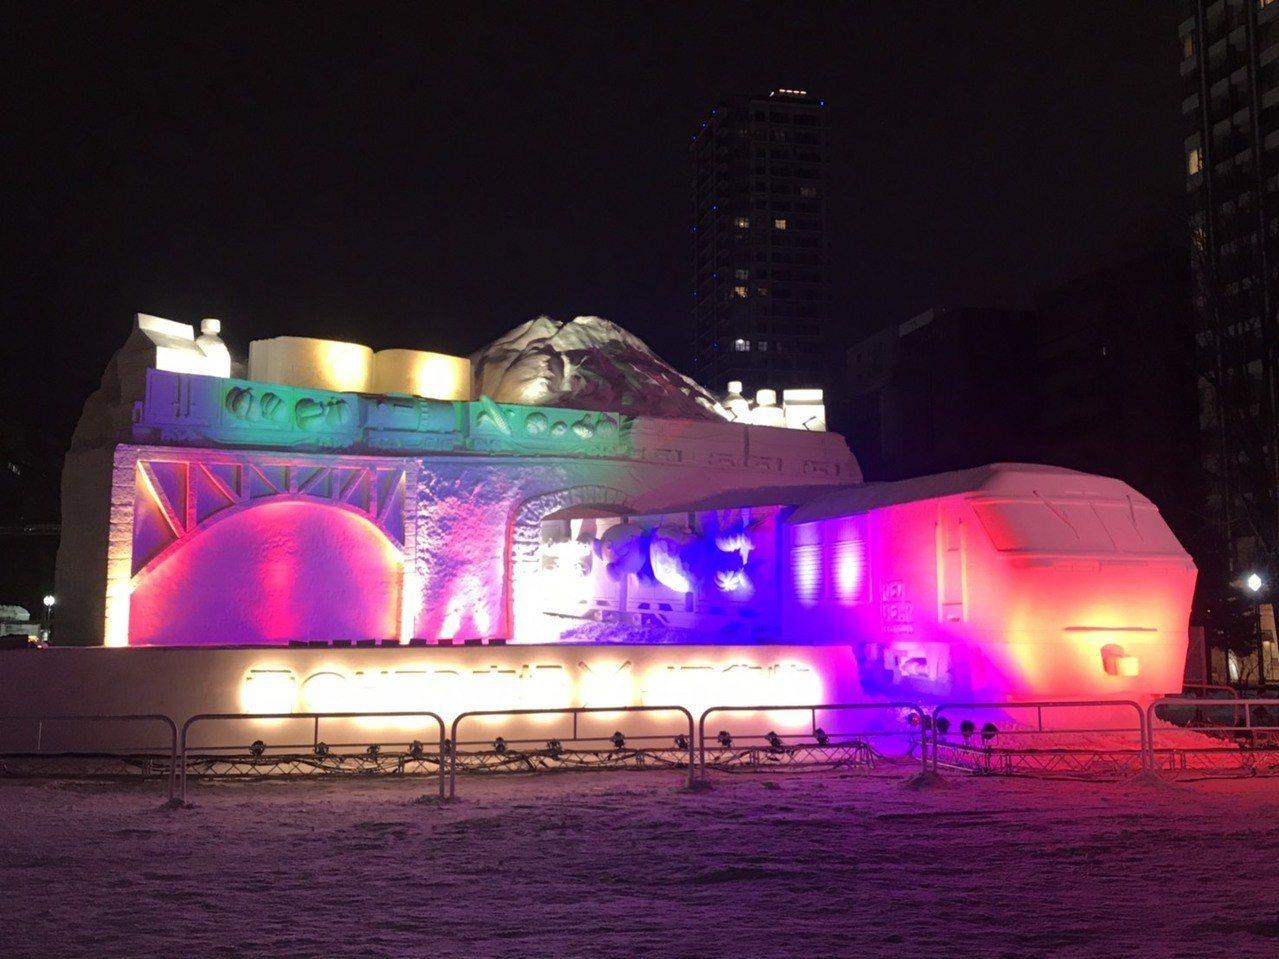 JR EH800貨車大雪像3日晚間試點燈,顏色變換豐富讓人驚艷。東京記者蔡佩芳/...